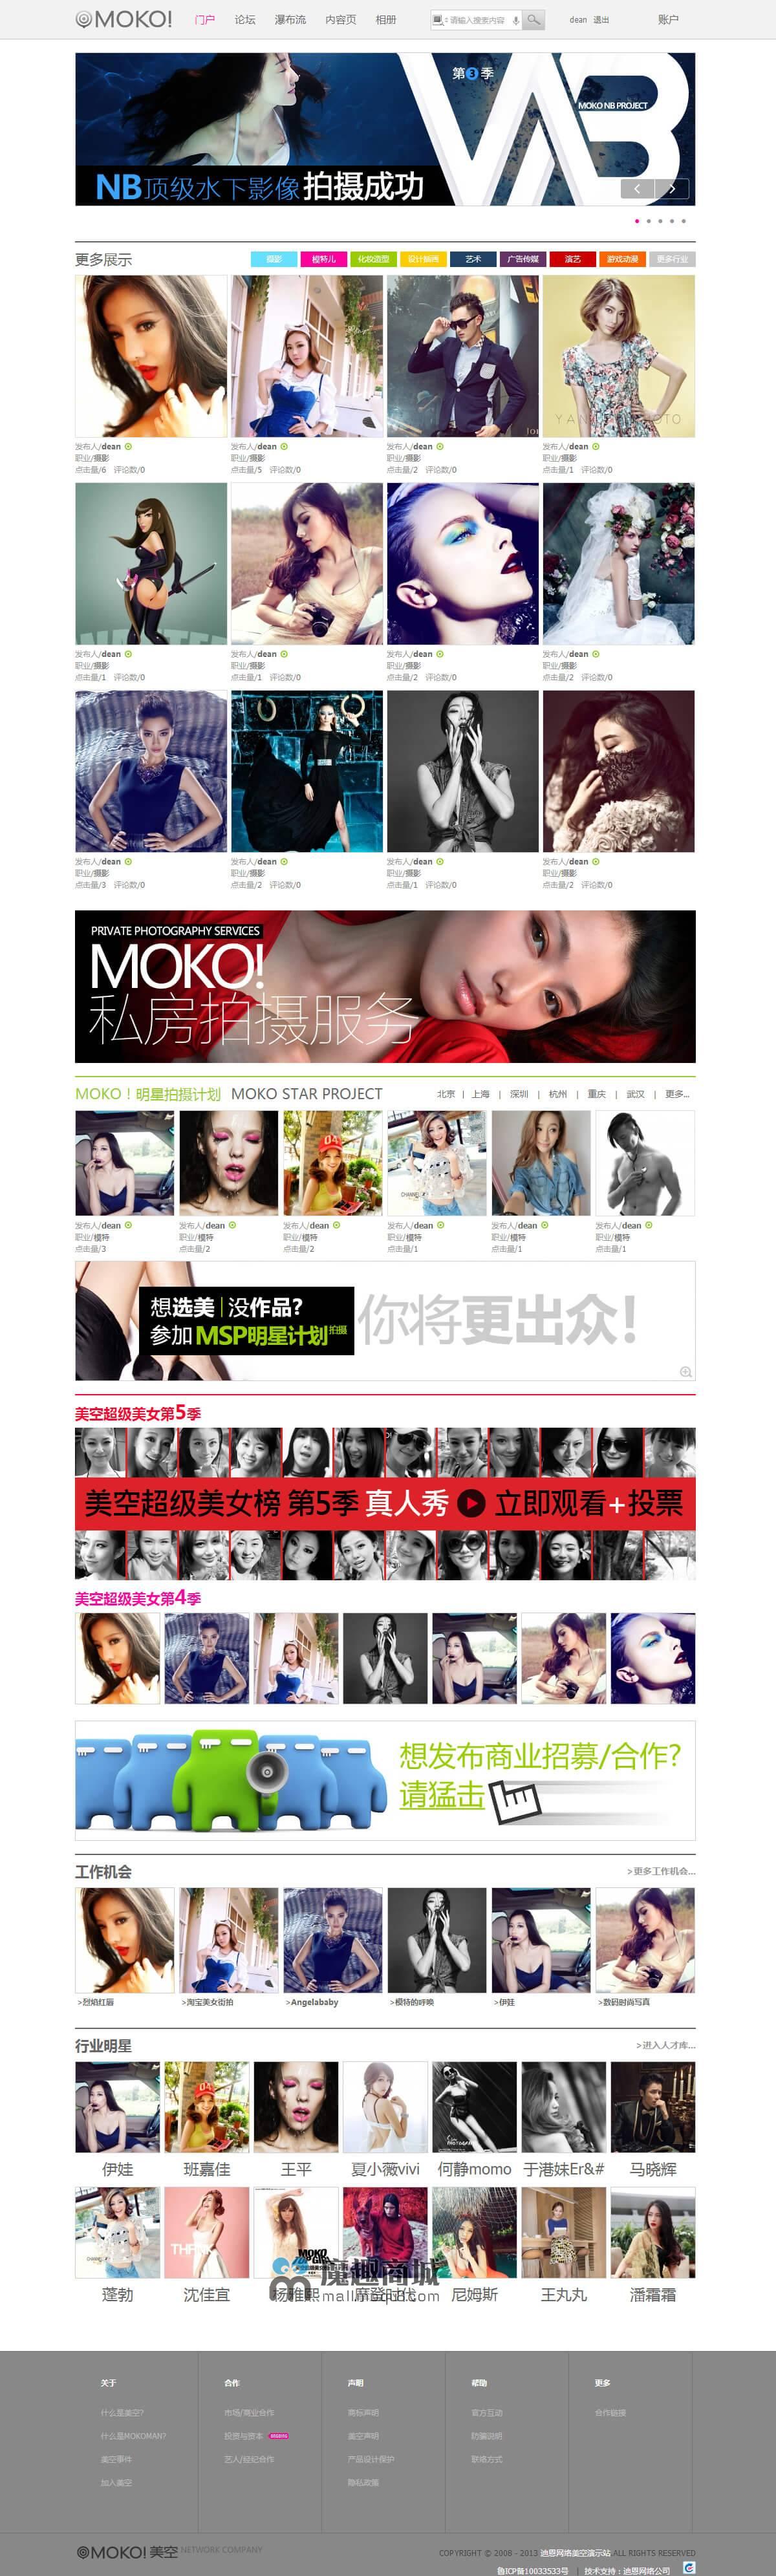 仿moko网摄影大赛短视频门户模版